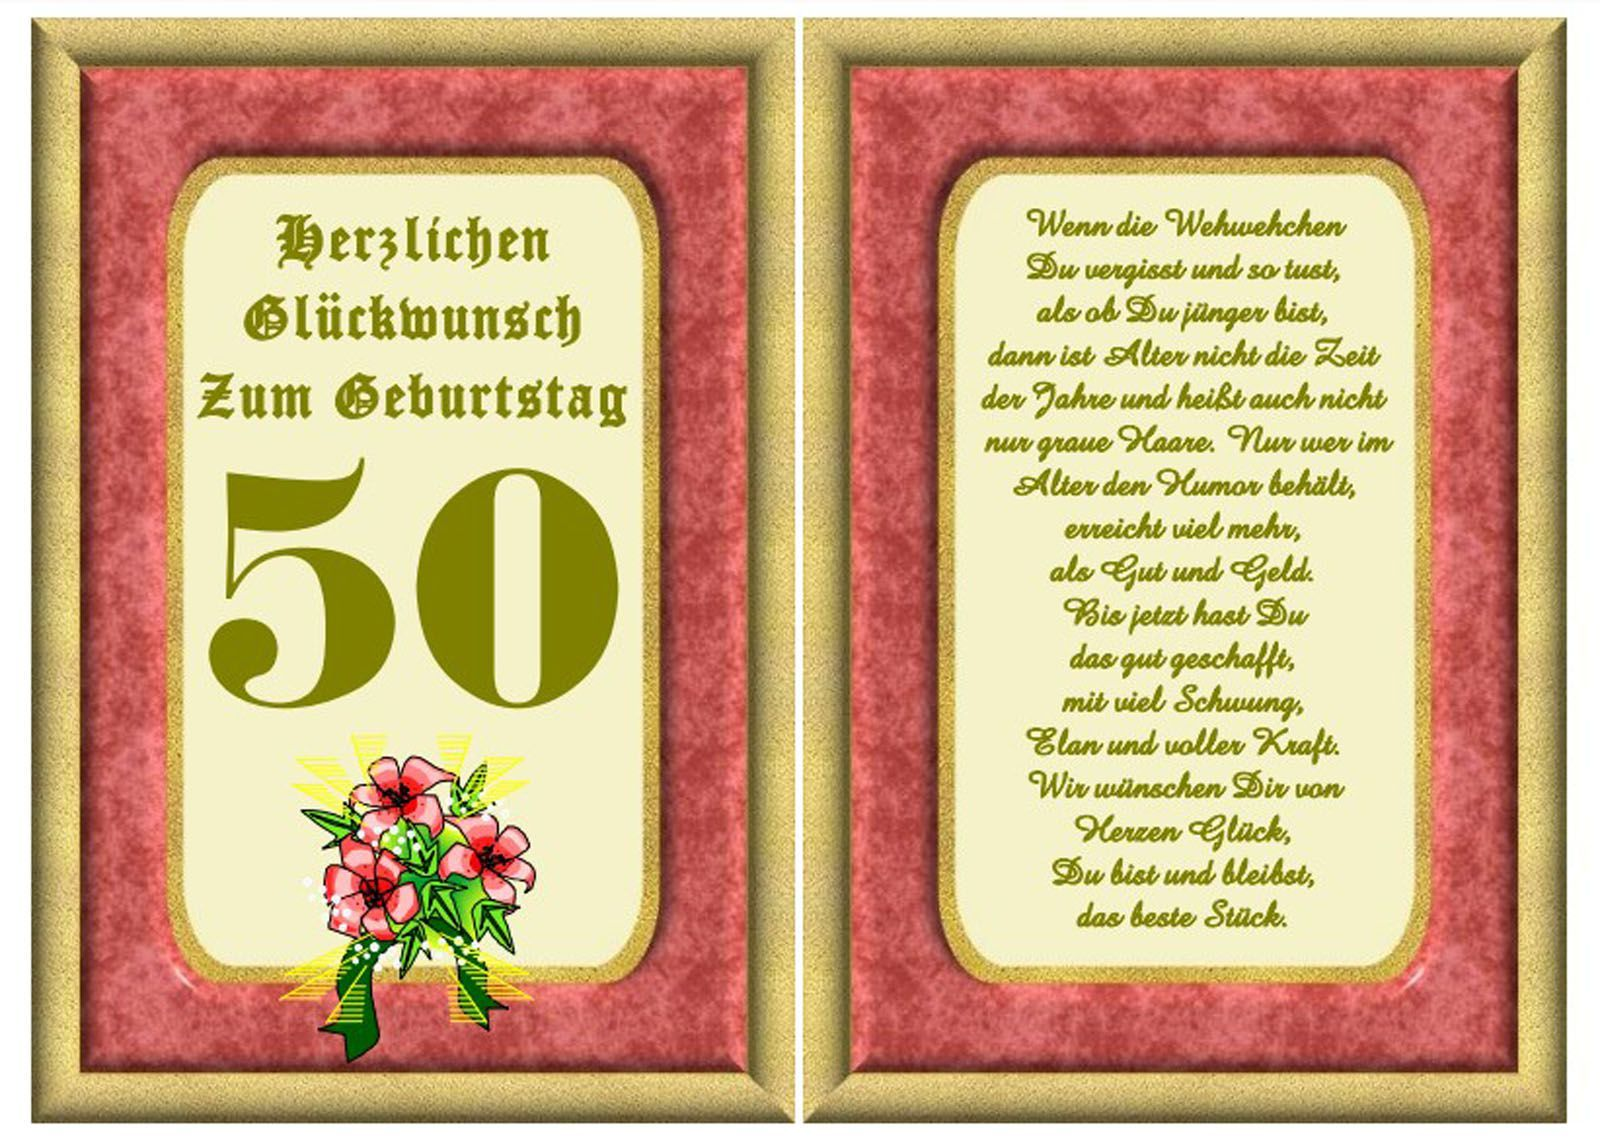 einladung geburtstag 50 bayerisch | einladungen geburtstag | pinterest, Einladungen